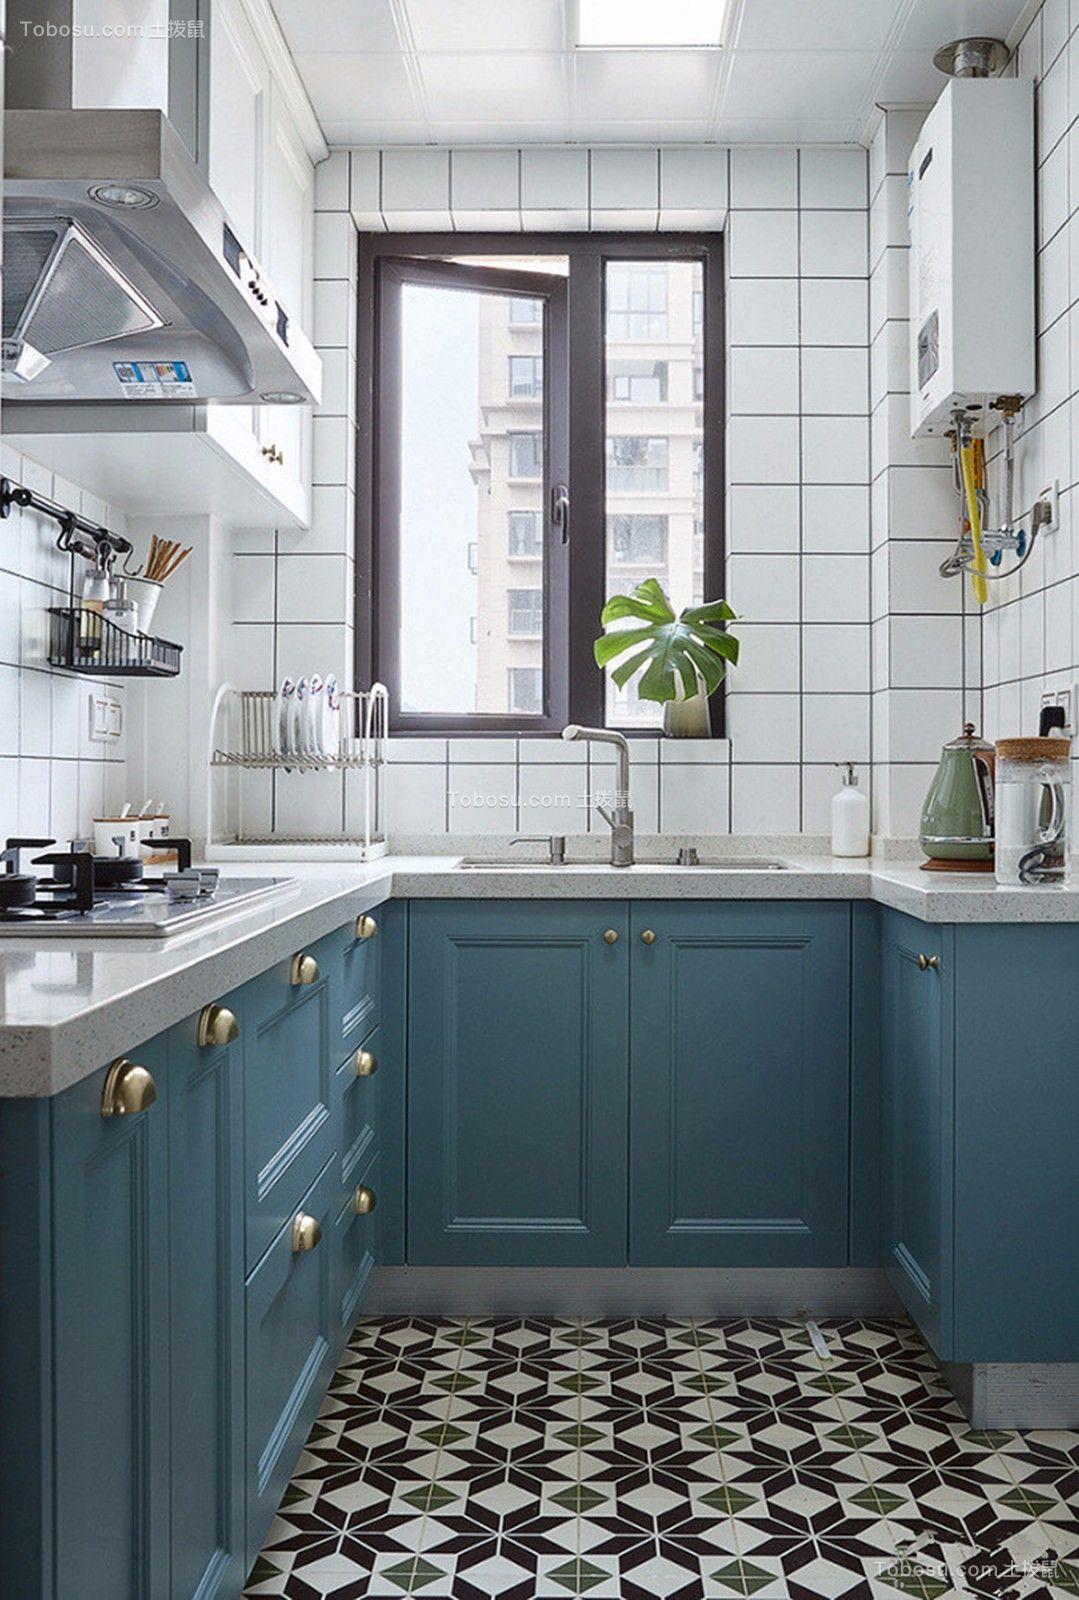 2019北欧厨房装修图 2019北欧橱柜装修设计图片